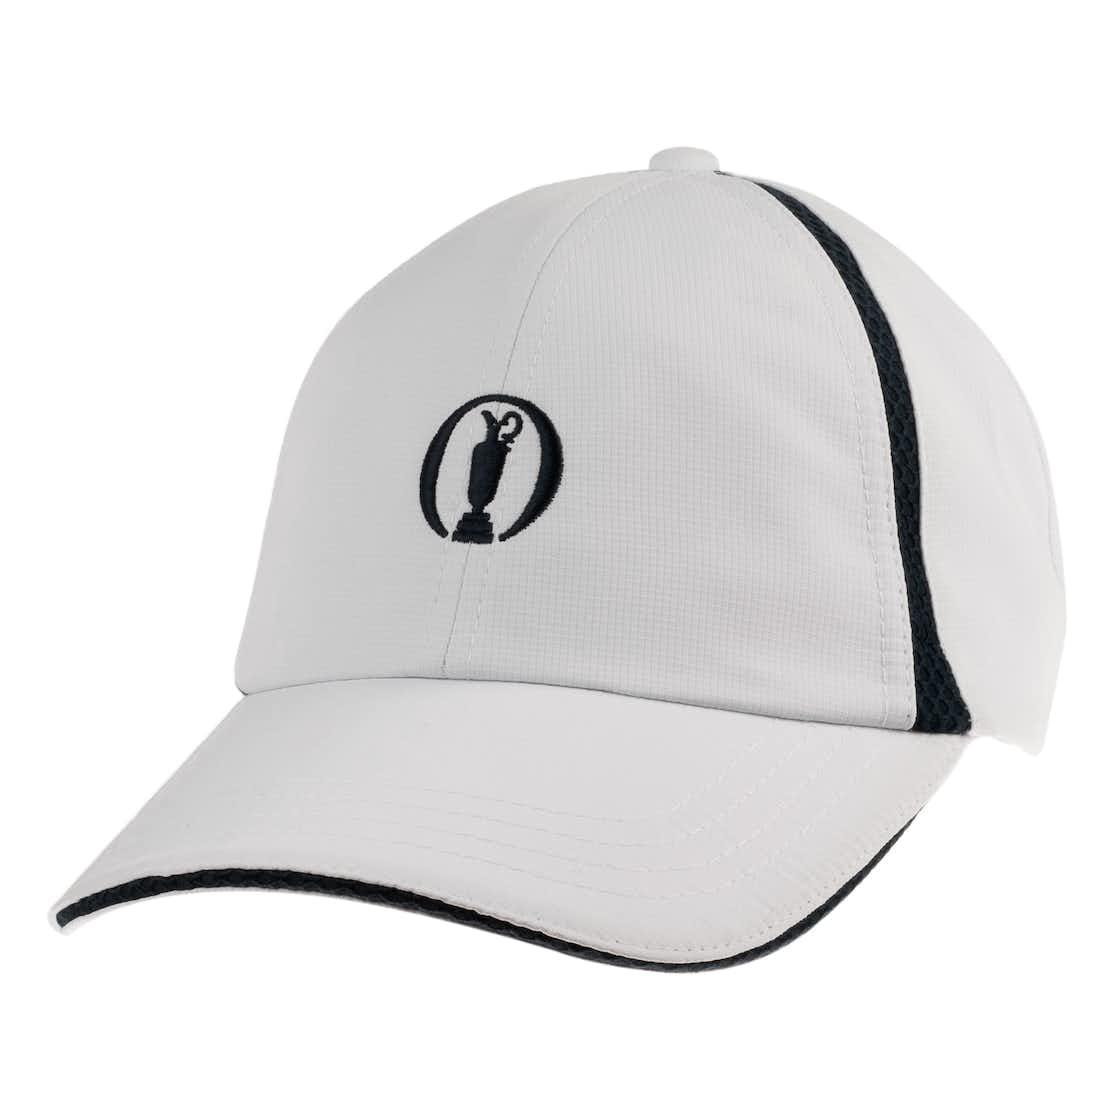 The Open Baseball Cap - White